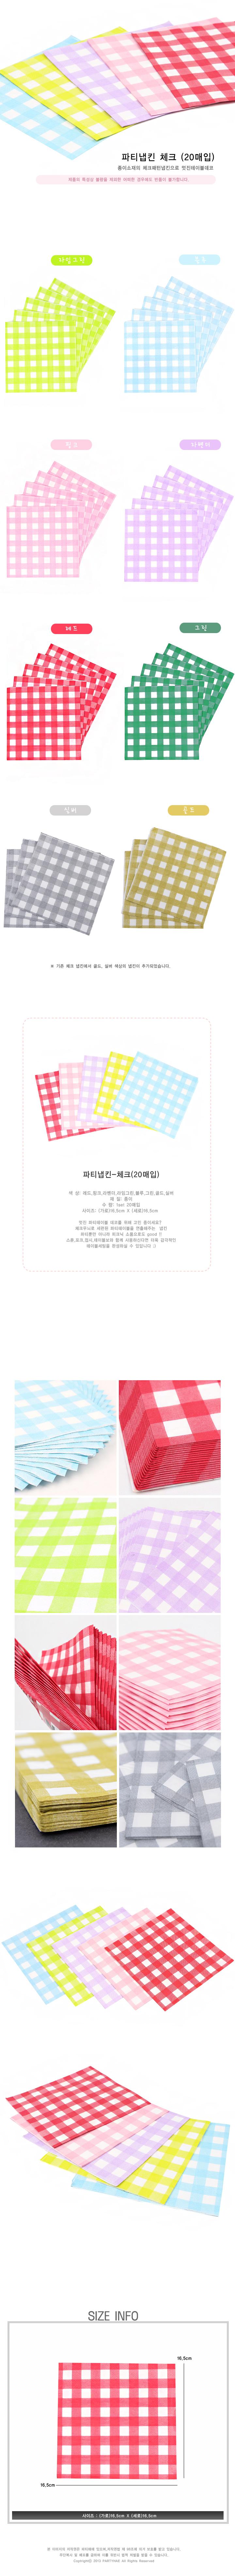 체크 파티냅킨-그린(20매) - 파티해, 2,550원, 파티용품, 식기/테이블/세트